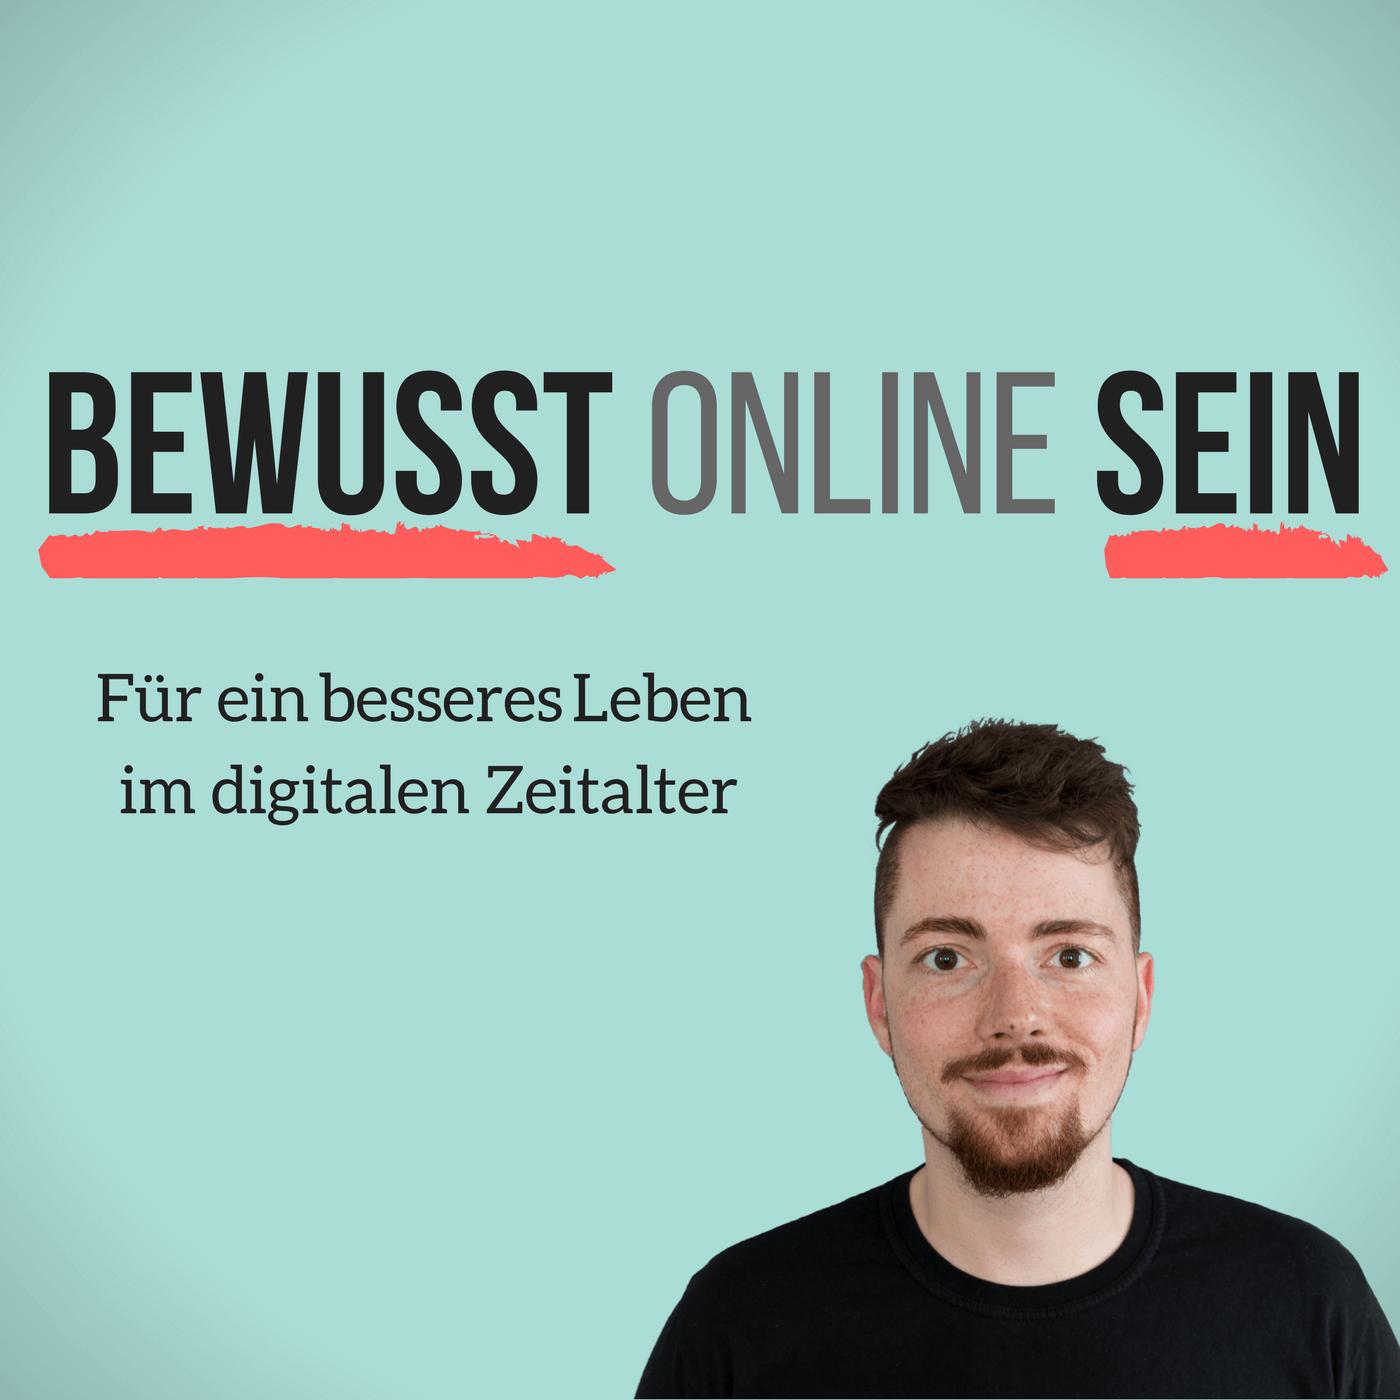 Podcast Online Bewusstsein